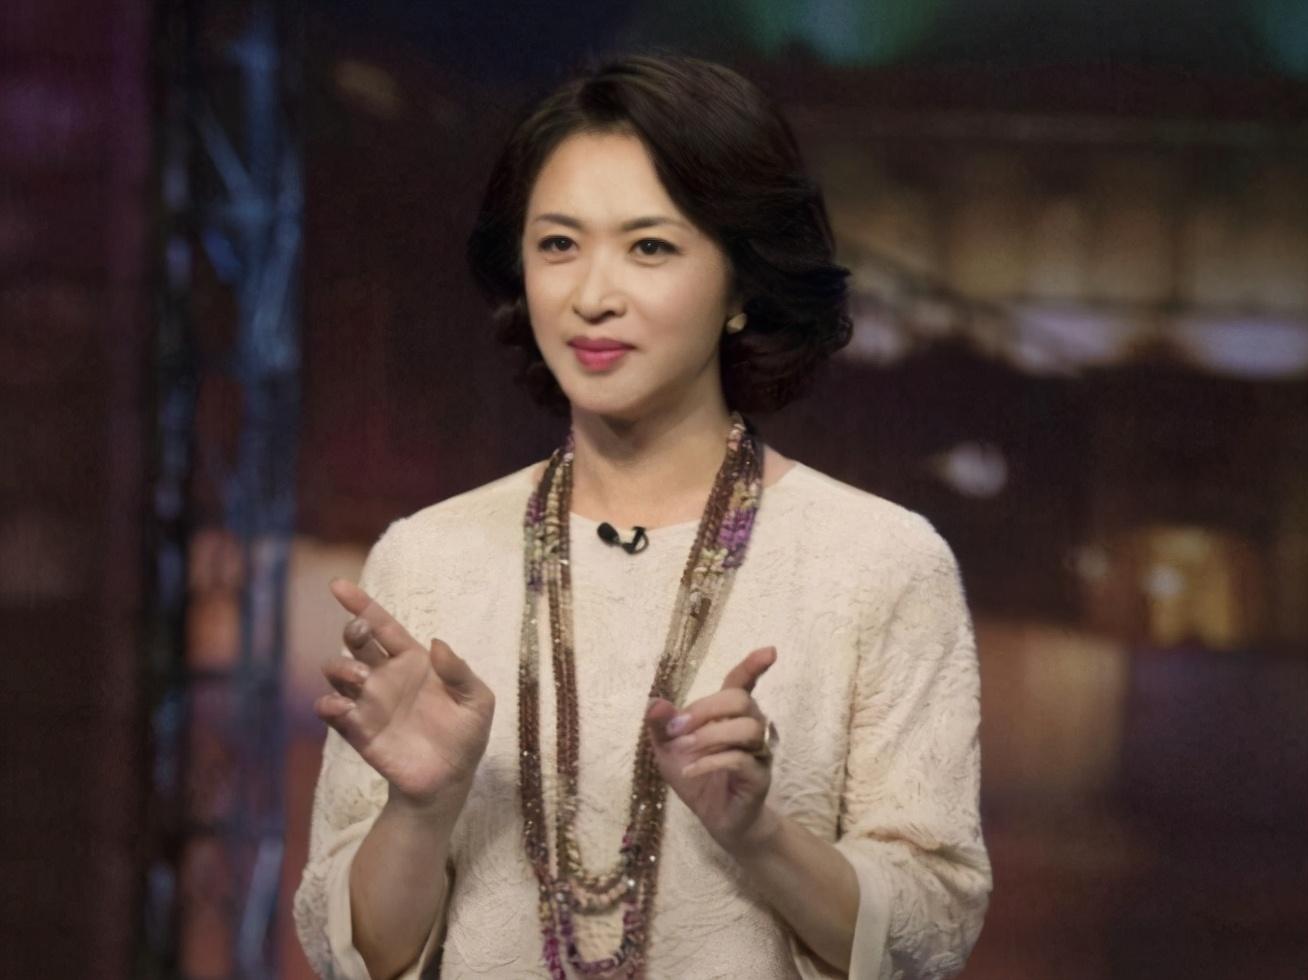 韩红发文称赞王一博,流量配得上正能量,蔡徐坤粉丝怕是不敢撕了